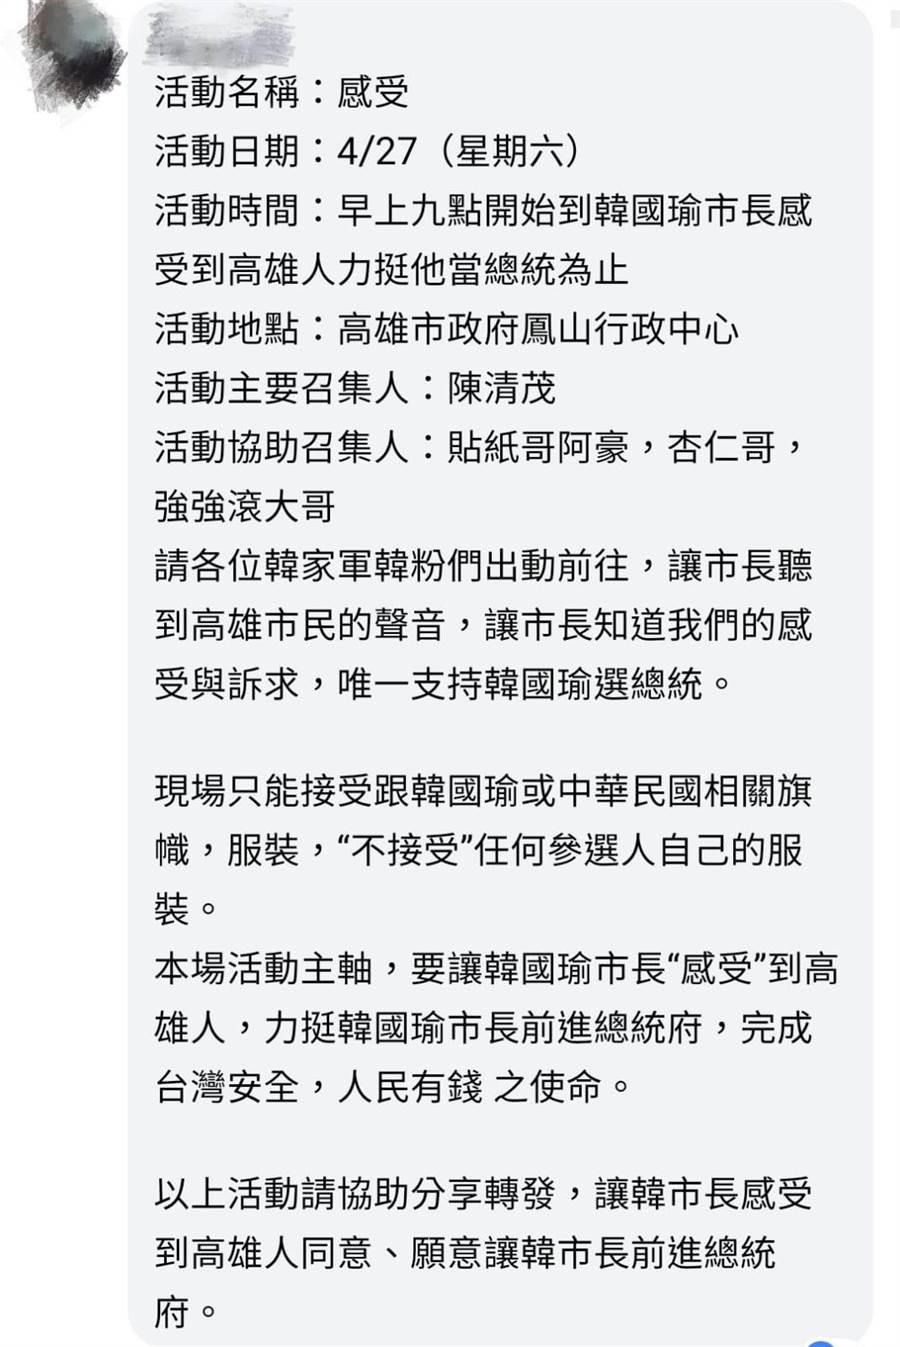 當日活動詳情。(圖/翻攝自臉書「韓國瑜市長後援會」)